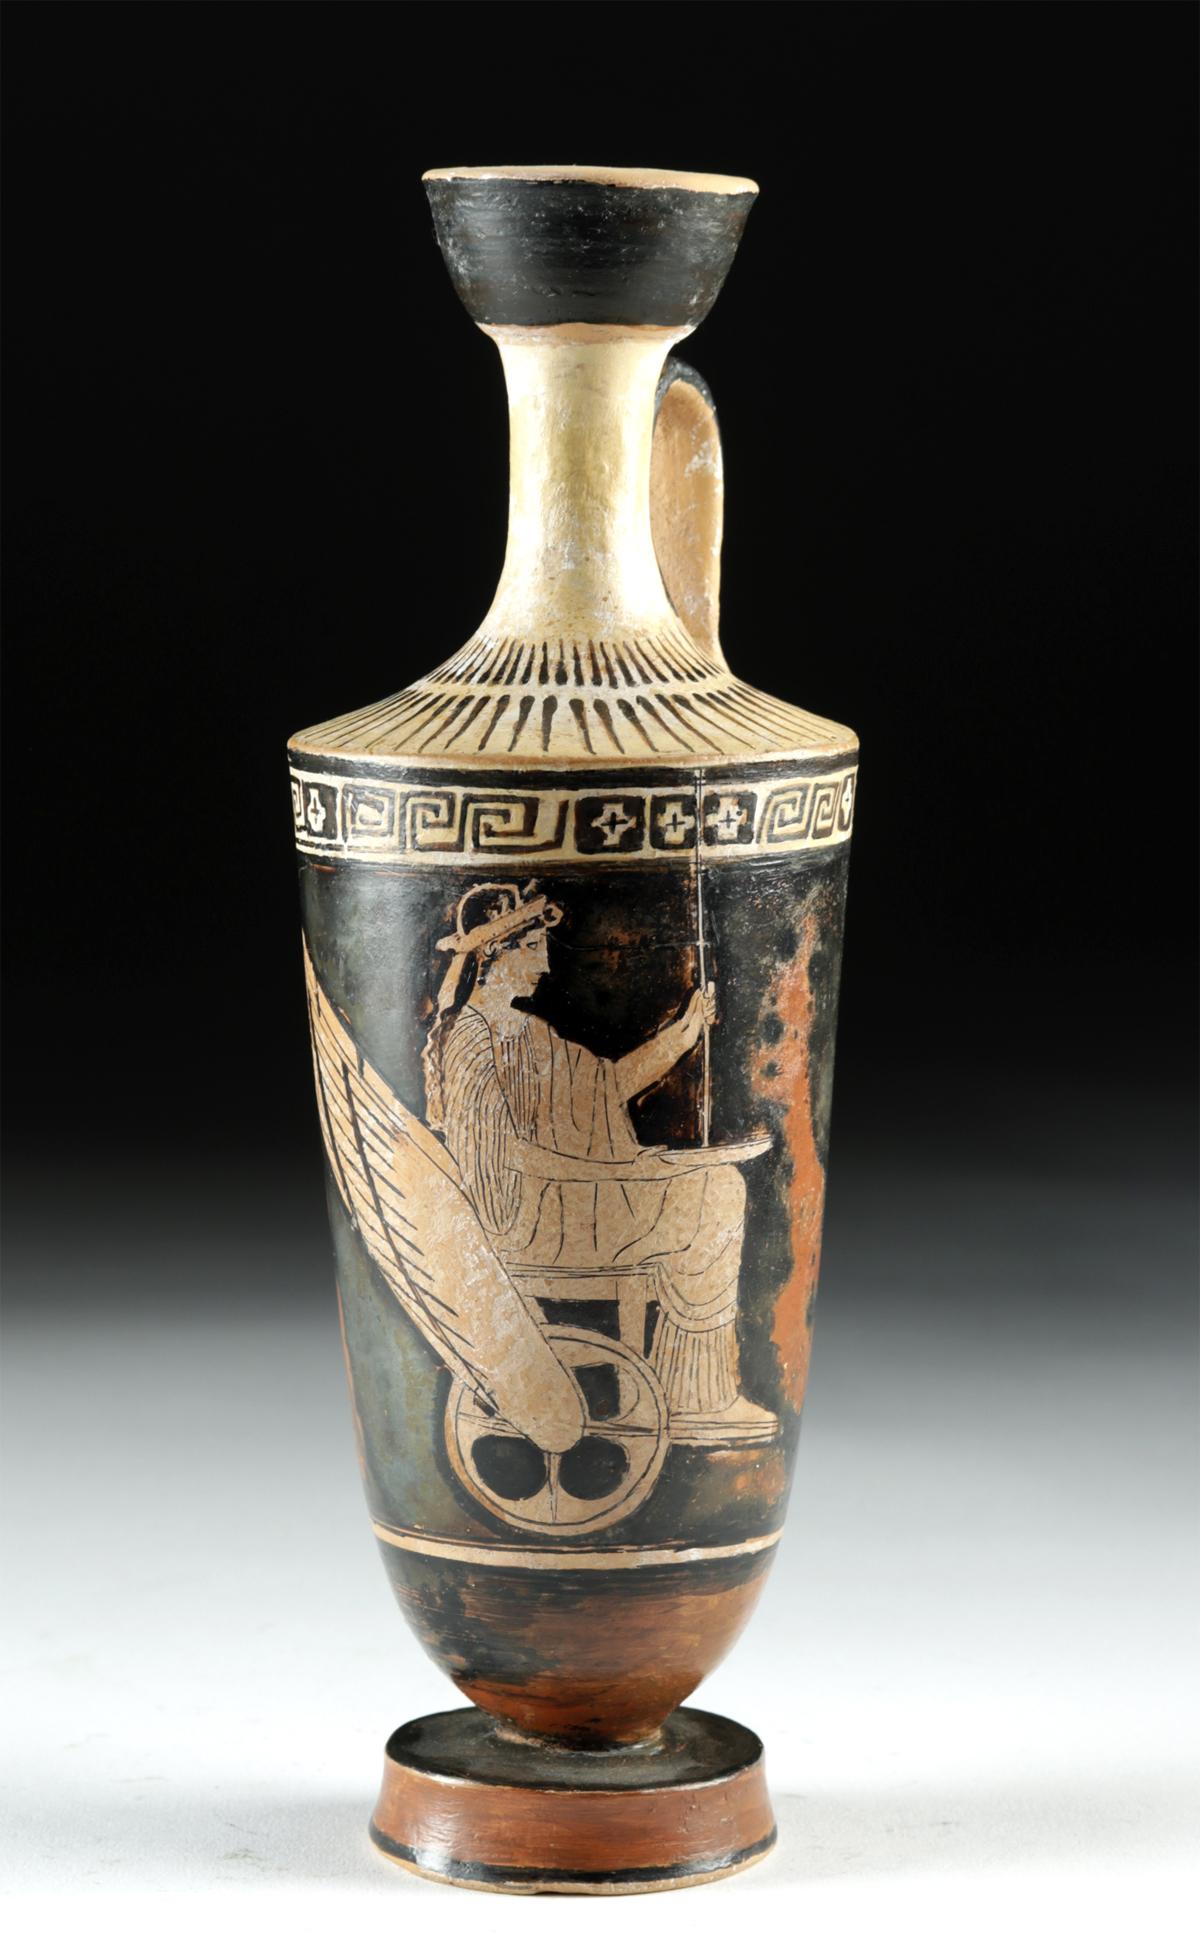 Lot 27 - Greek Attic Red-Figure Lekythos Demeter Winged Chariot